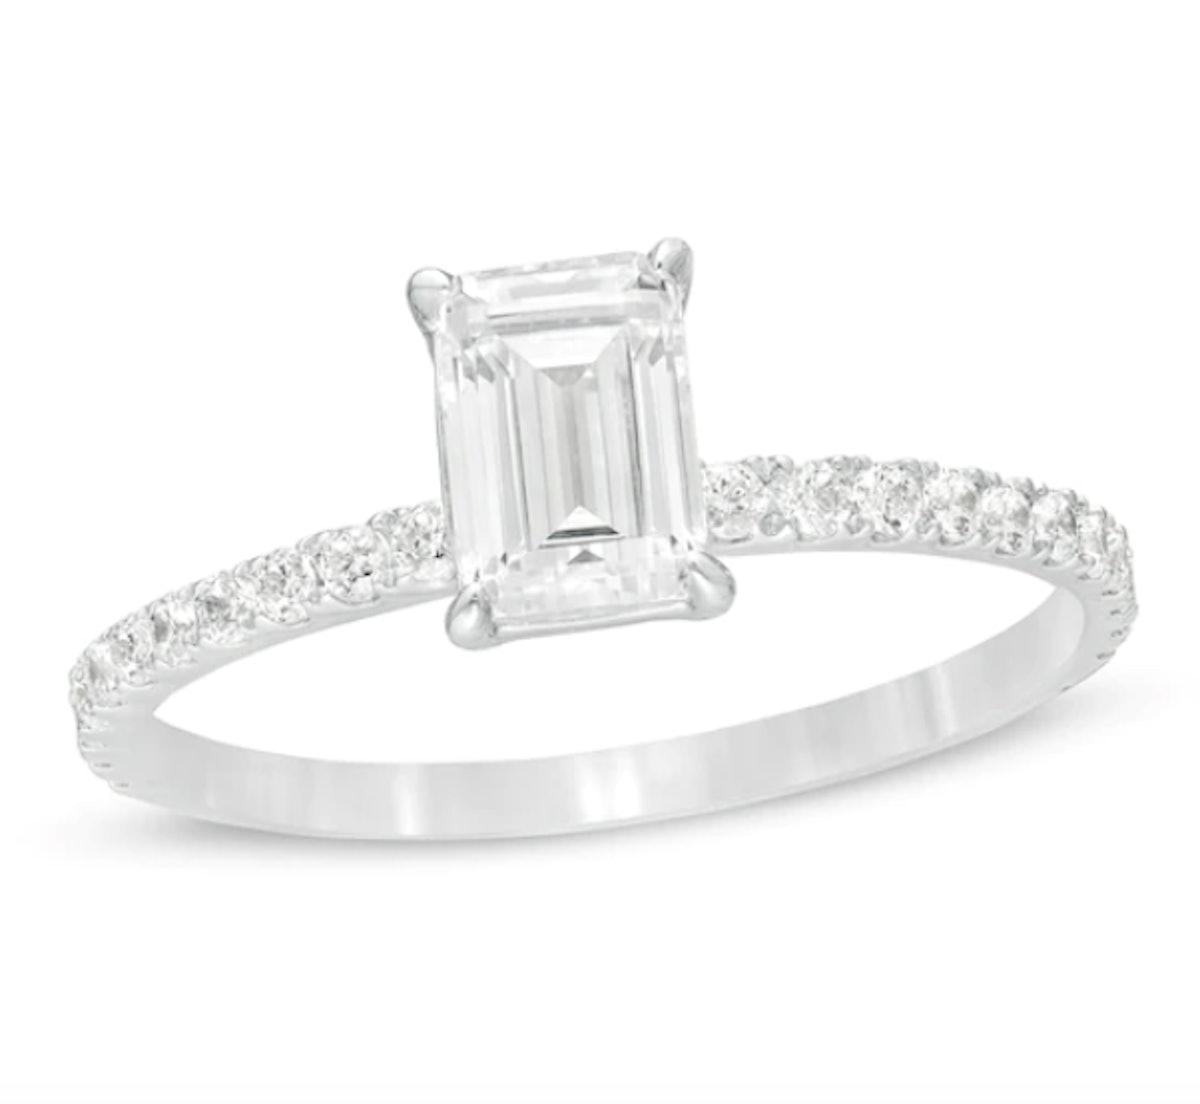 1 CT. T.W. Emerald-Cut Diamond Engagement Ring in Platinum